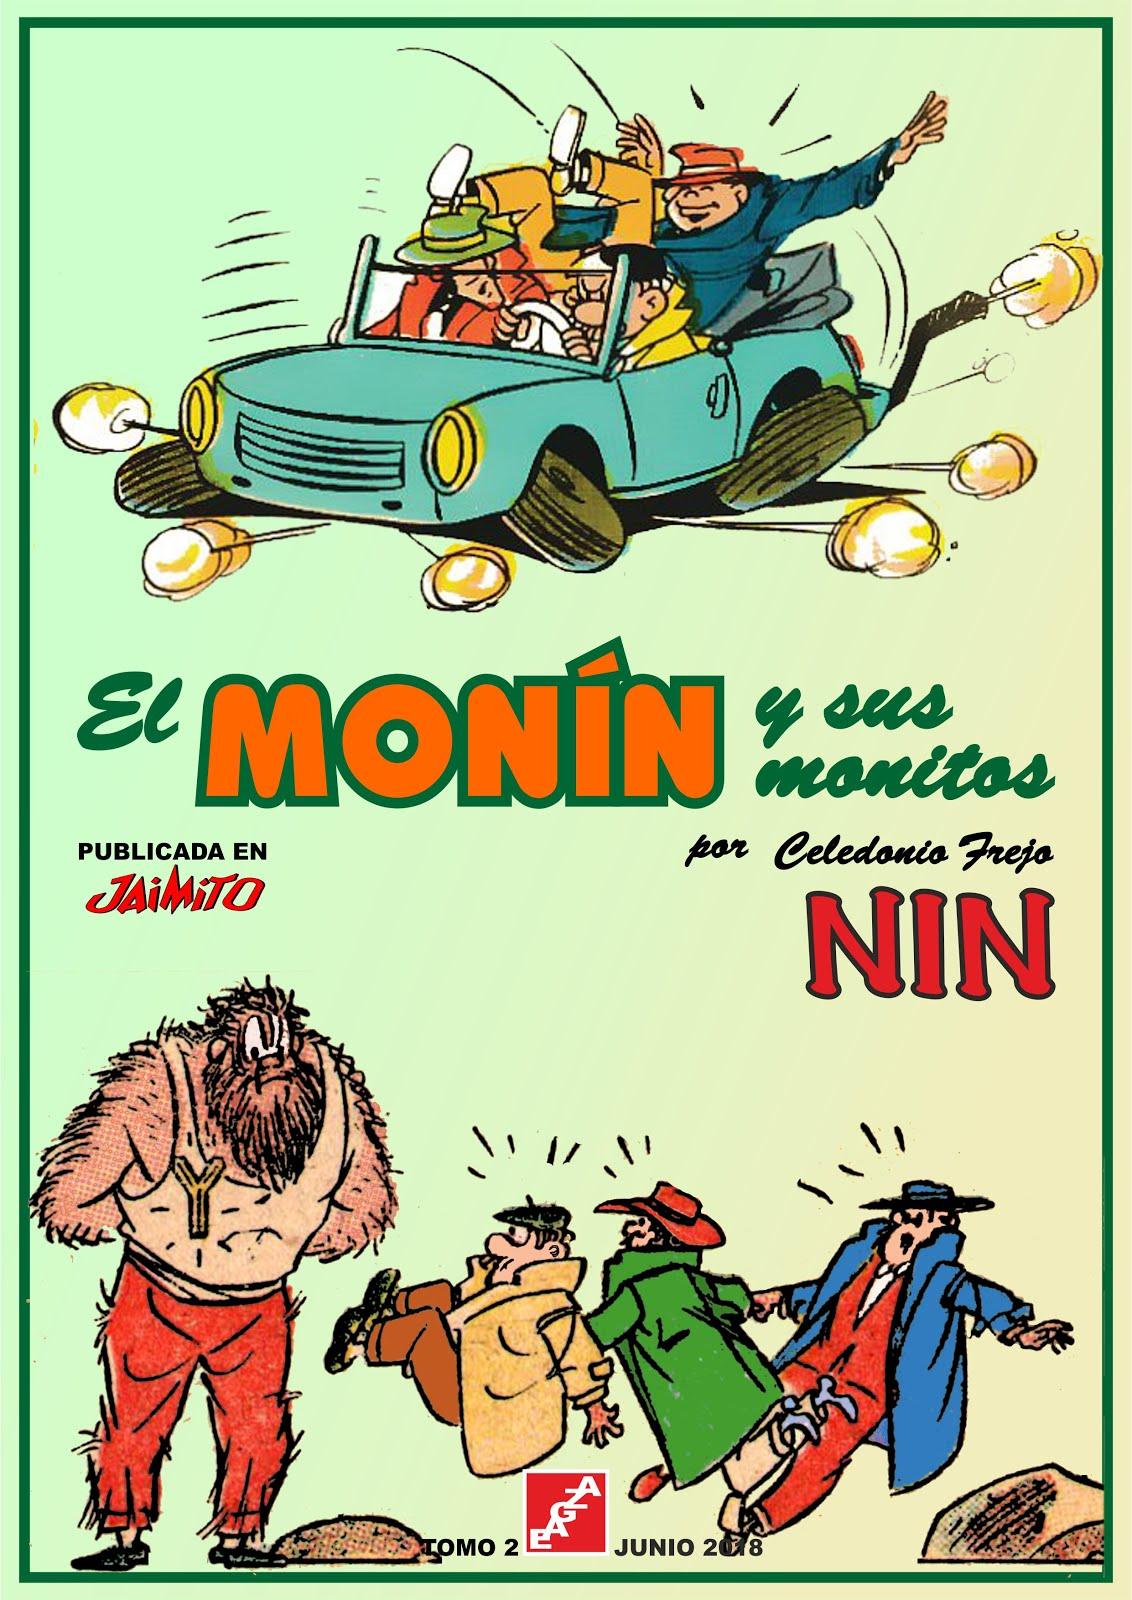 El Monín y su pandilla - Tomos 01-02 - Celedonio Frejo NIN